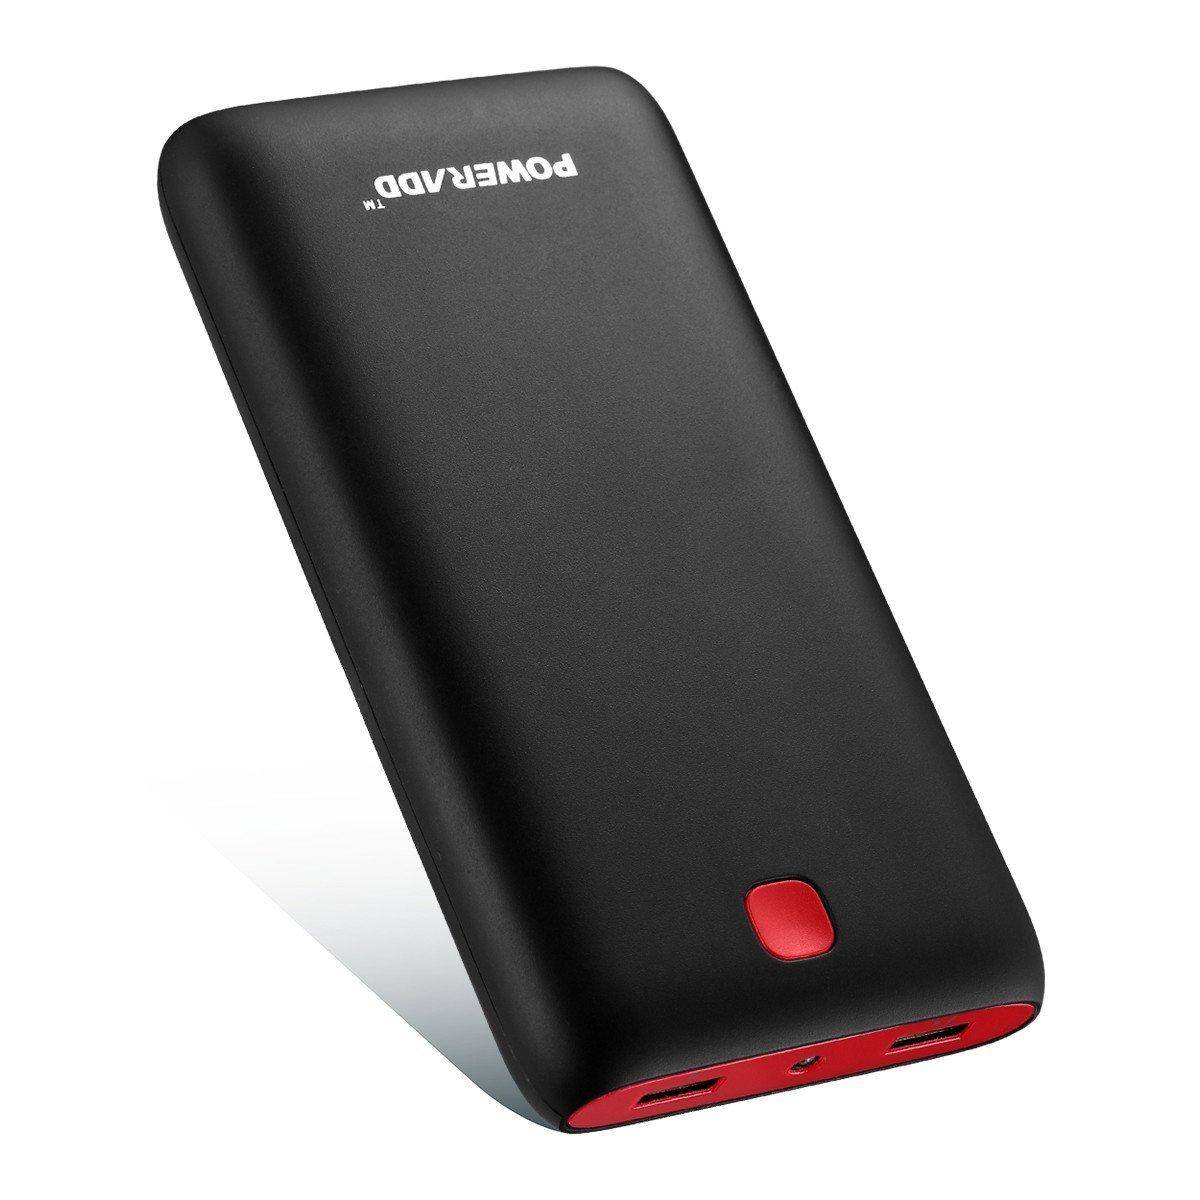 Batterie externe Poweradd Pilot X7 - 20000 mAh, 2 Ports USB (1A + 2,1A) (vendeur tiers)